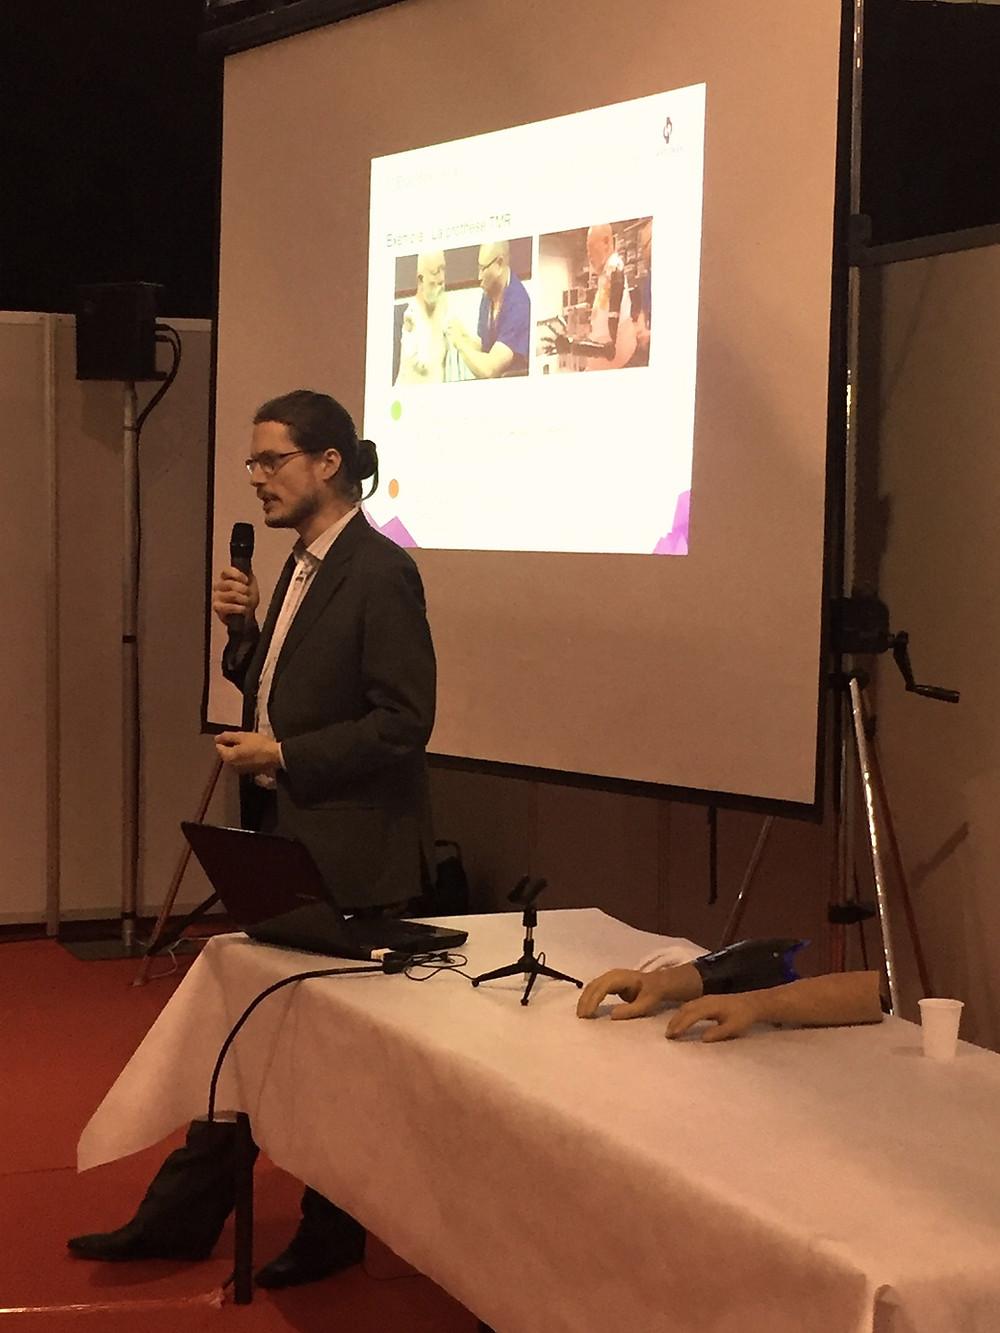 Conférence de Guillaume Bonifas (Société Handy Bionic) sur les prothèses bioniques et biomécatroniques